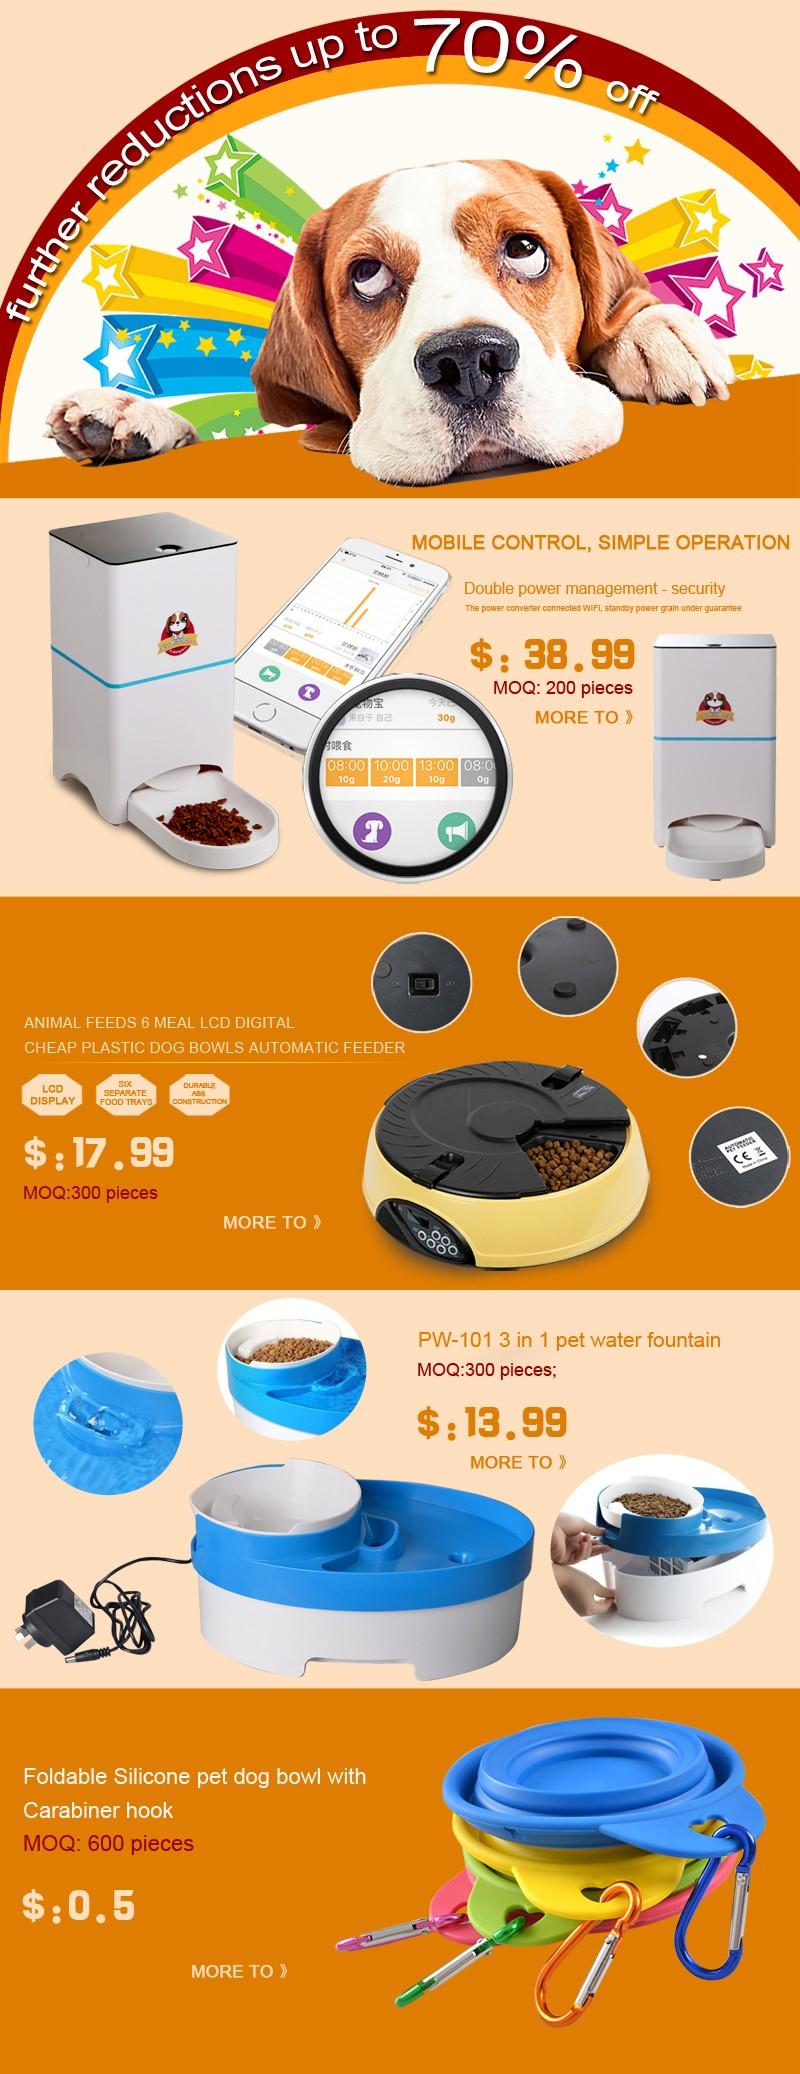 Fish tank electricity cost - Aquarium Accessories Rs Electrical Aquarium New Patent Configuration Led Fish Tank Aquarium